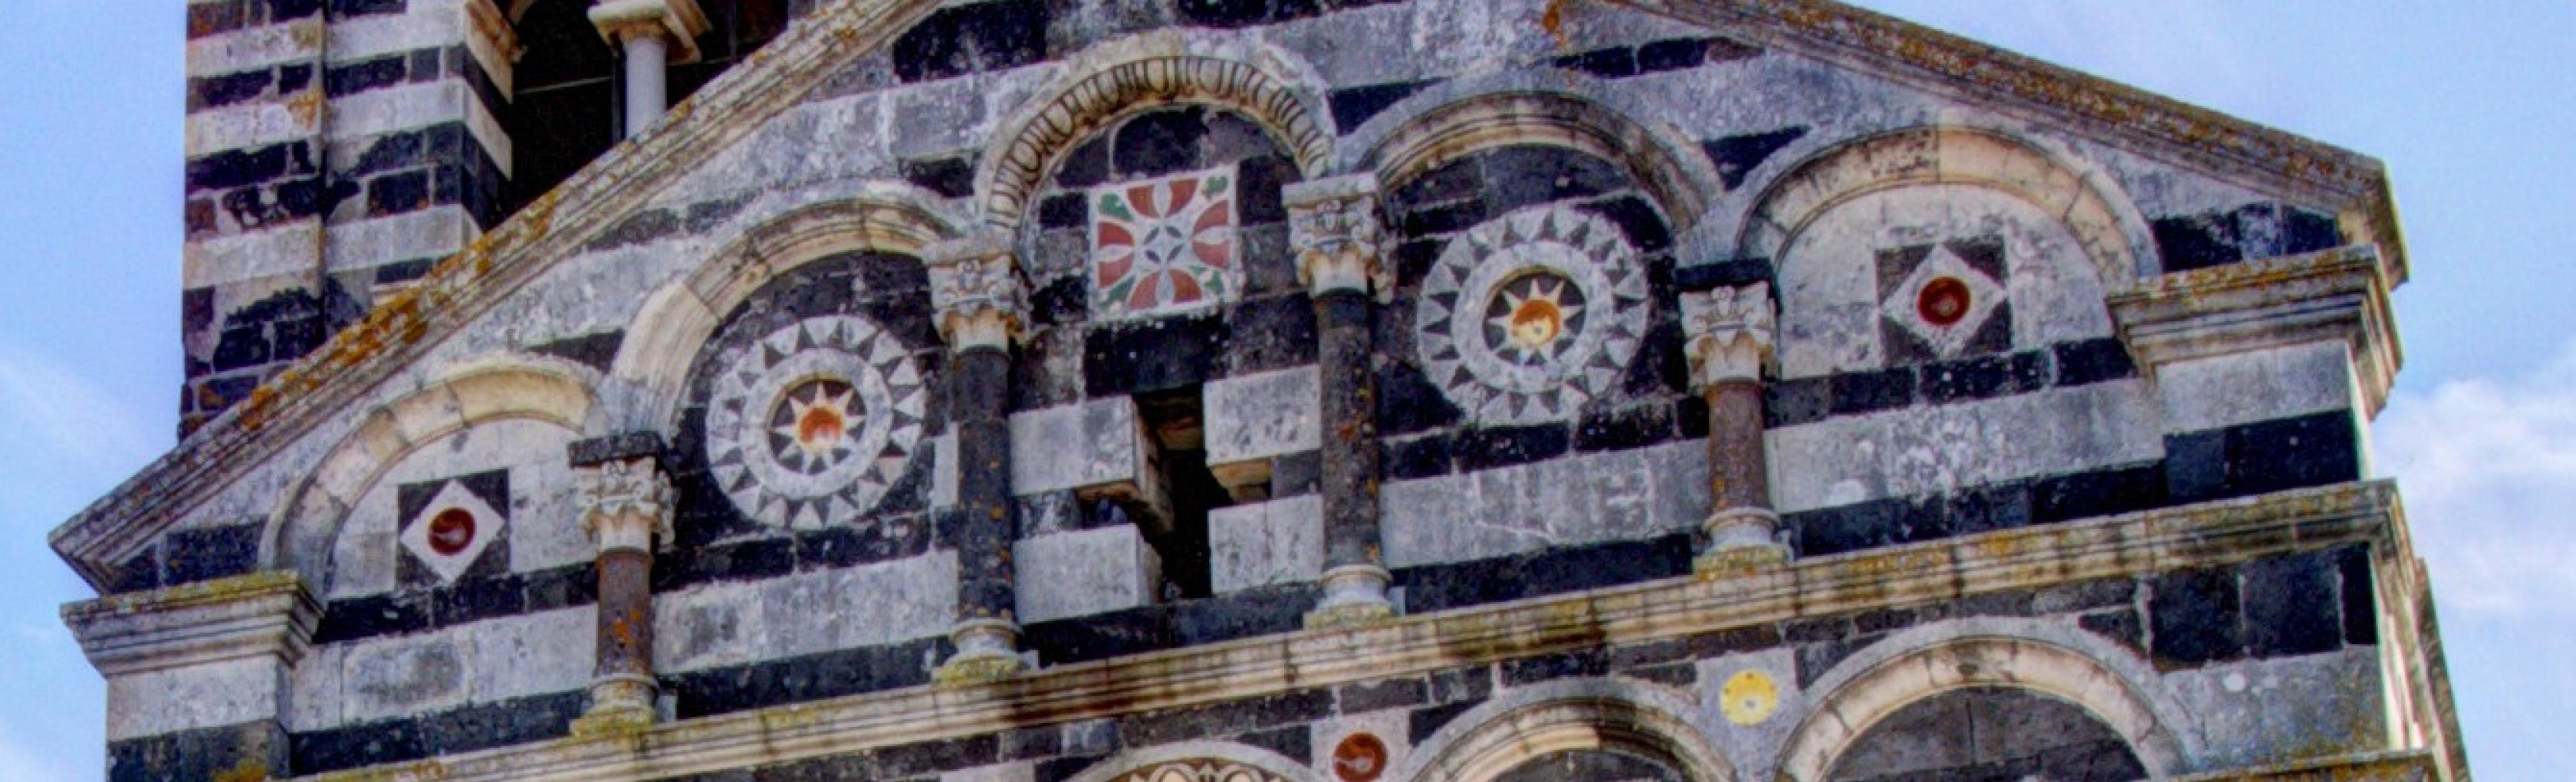 Santissima Trinita di Saccargia - Codrongianus